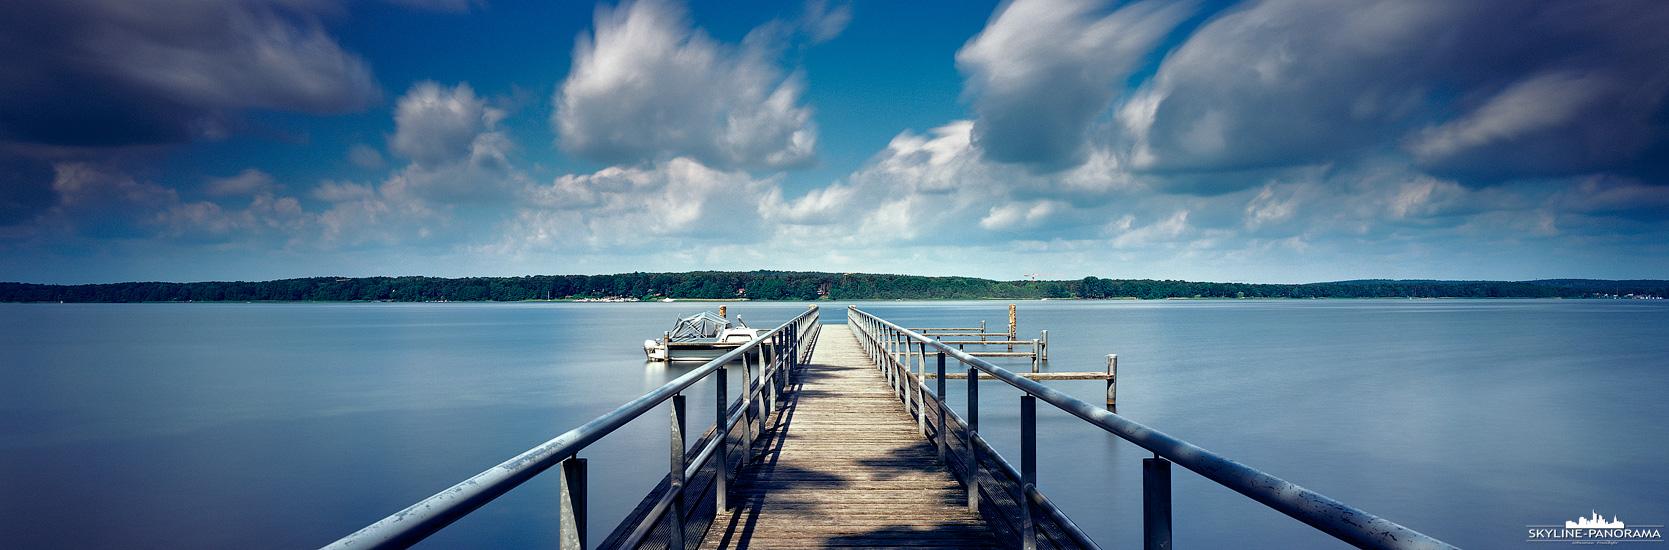 Der Scharmützelsee bei Bad Saarow in Brandenburg wird oft als märkisches Meer bezeichnet. Dieses Panorama eines Bootsstegs ist mit einer etwas längeren Belichtungszeit - in diesem Fall etwas über 2 Minuten - aufgenommen, wodurch sich die Wolken in Ihrer Bewegung abzeichnen und die Oberfläche des Sees glatt erscheint.